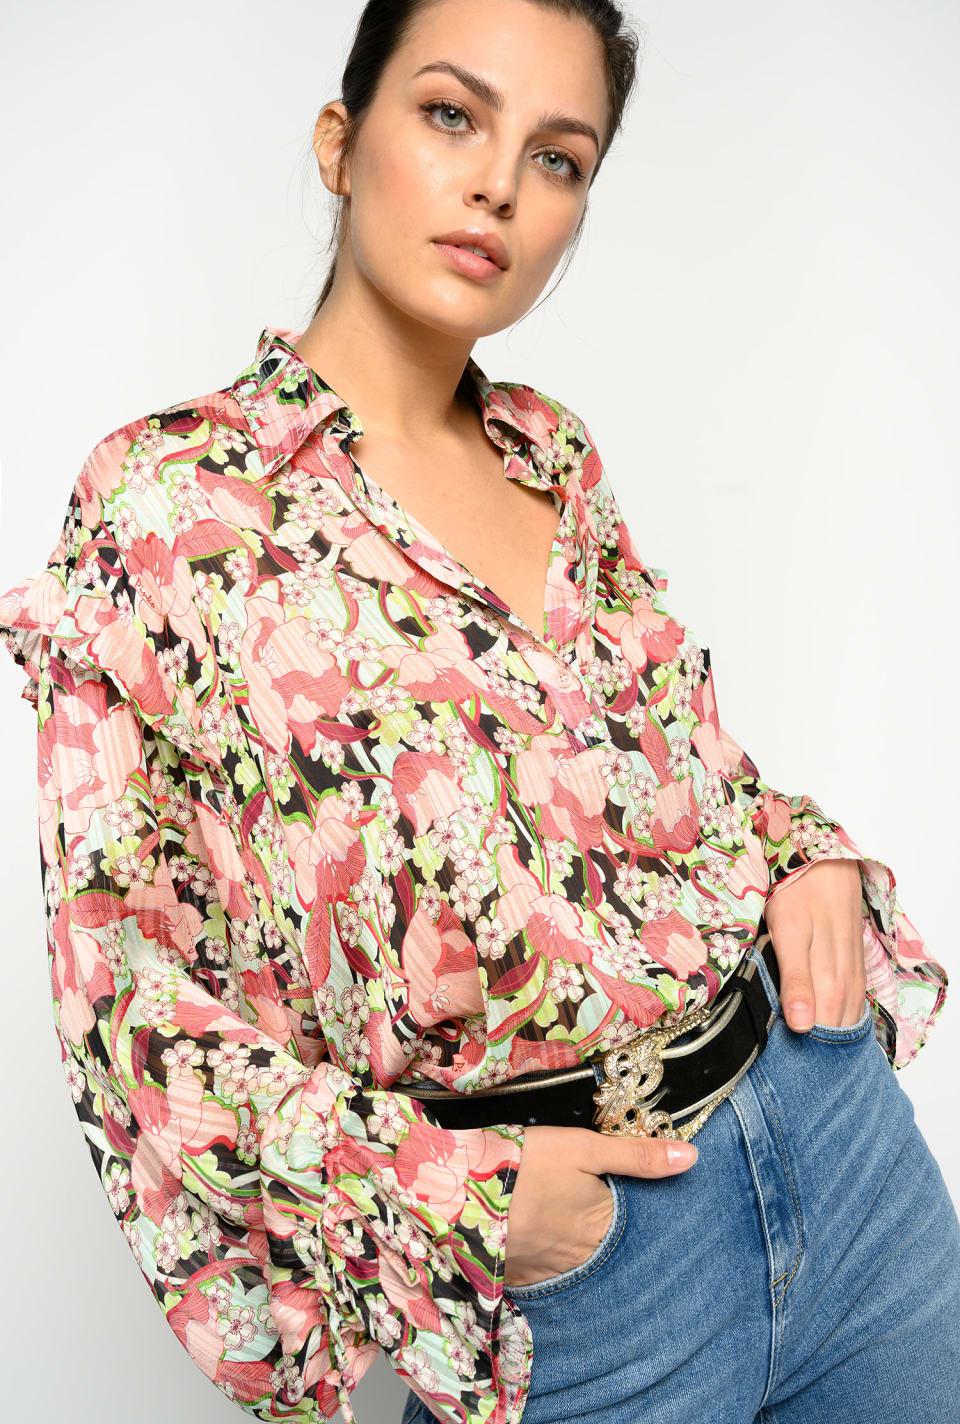 Camisa floral con frunces